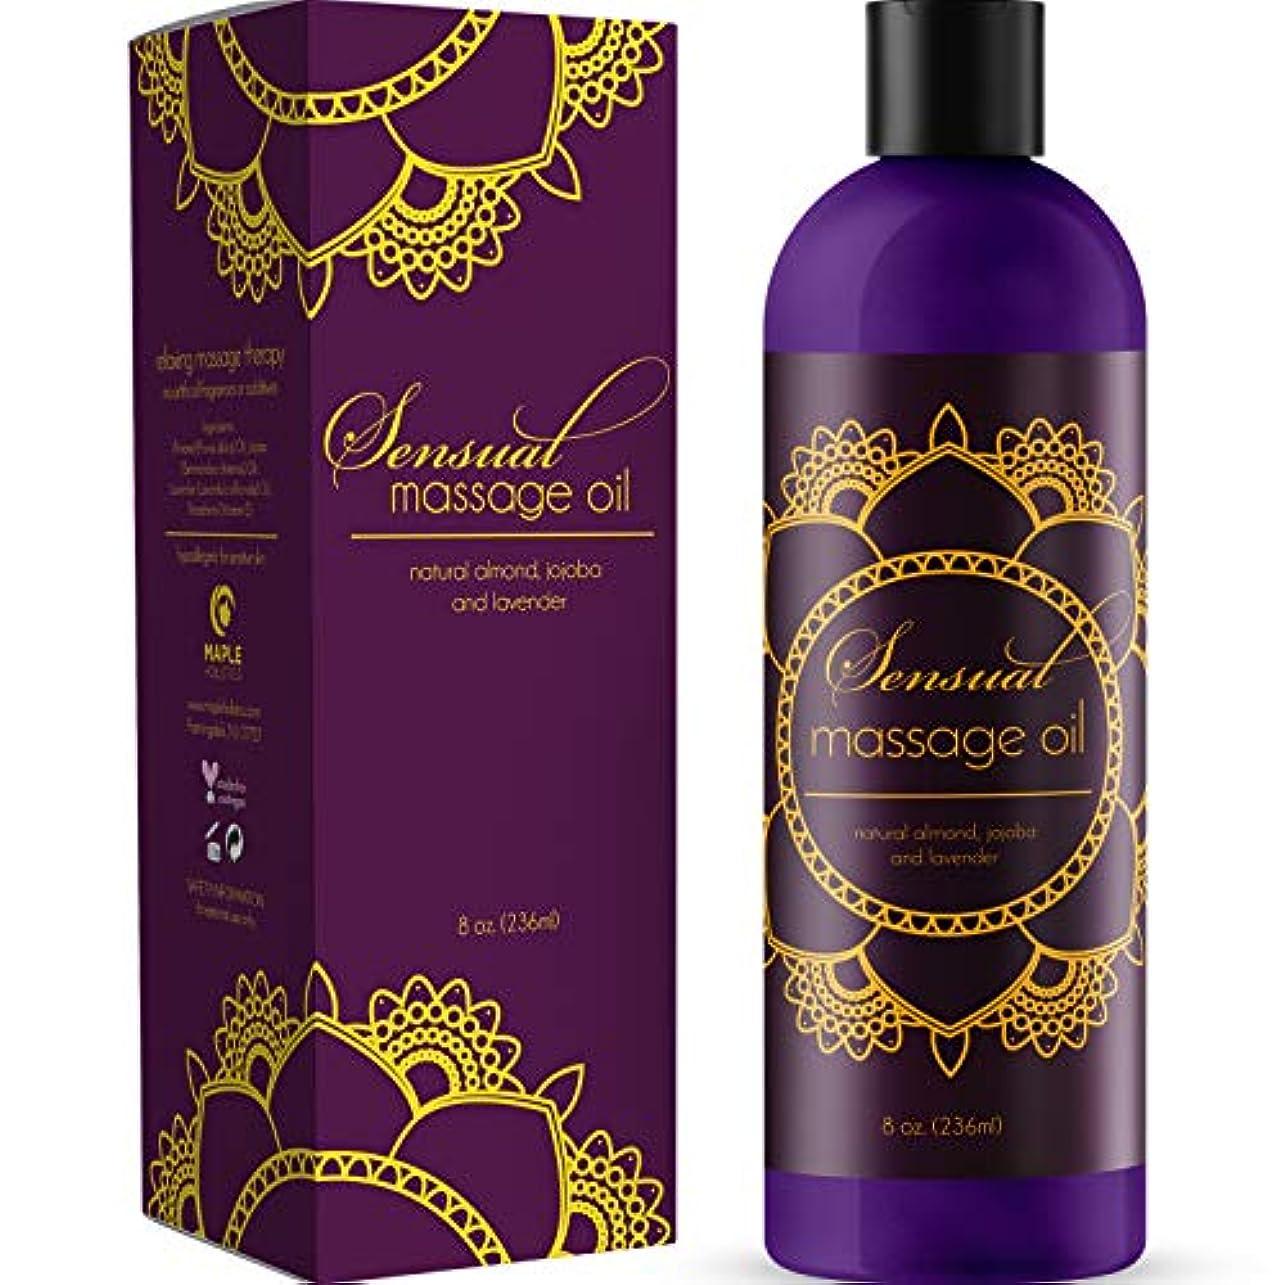 涙が出るシンジケートシルクSensual Massage Oil w/ Pure Lavender Oil - Relaxing Almond & Jojoba Oil - Women & Men - 100% Natural Hypoallergenic Skin Therapy 8 oz. - USA Made by Honeydew